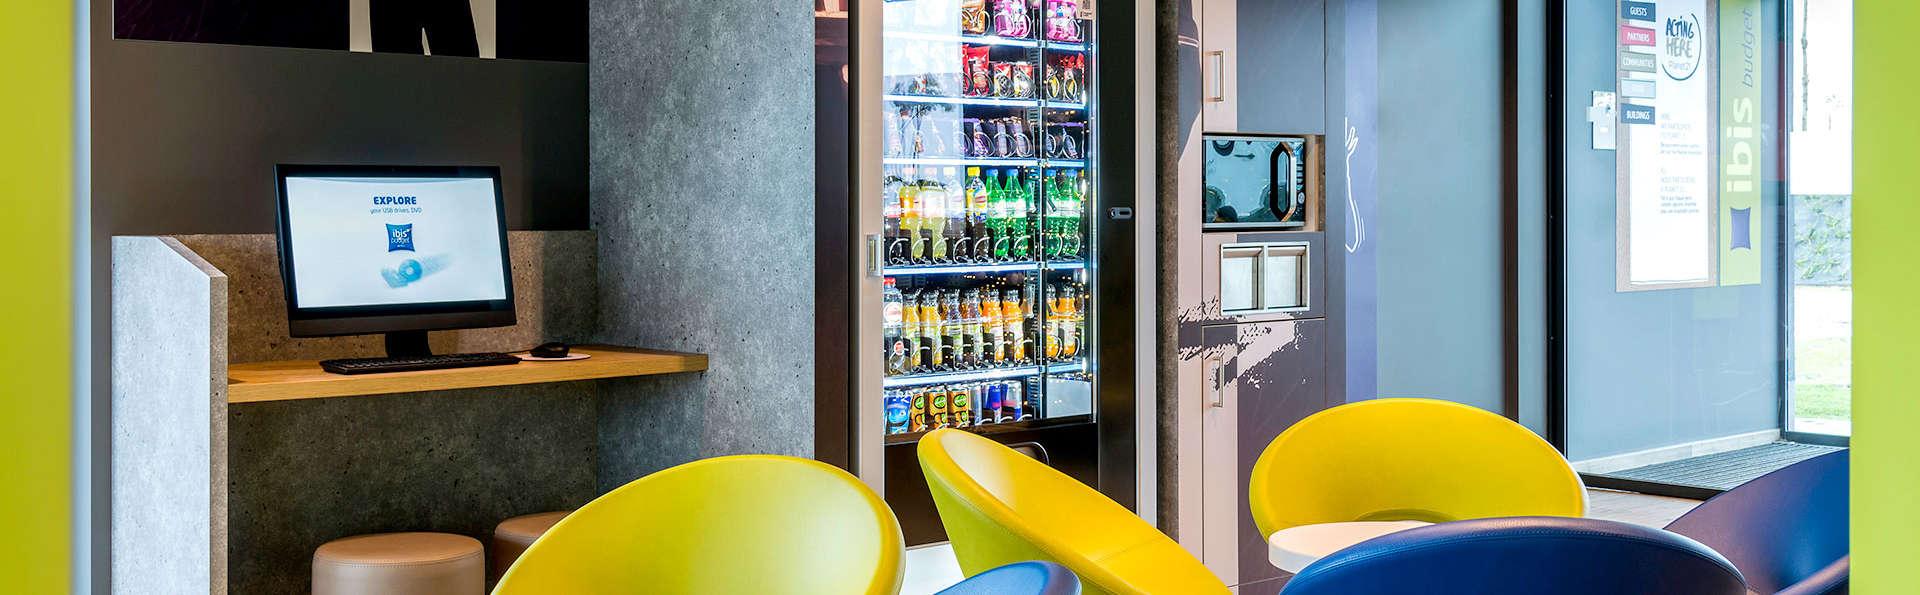 ibis Budget Oostende Airport - EDIT_NEW_LOBBY.jpg